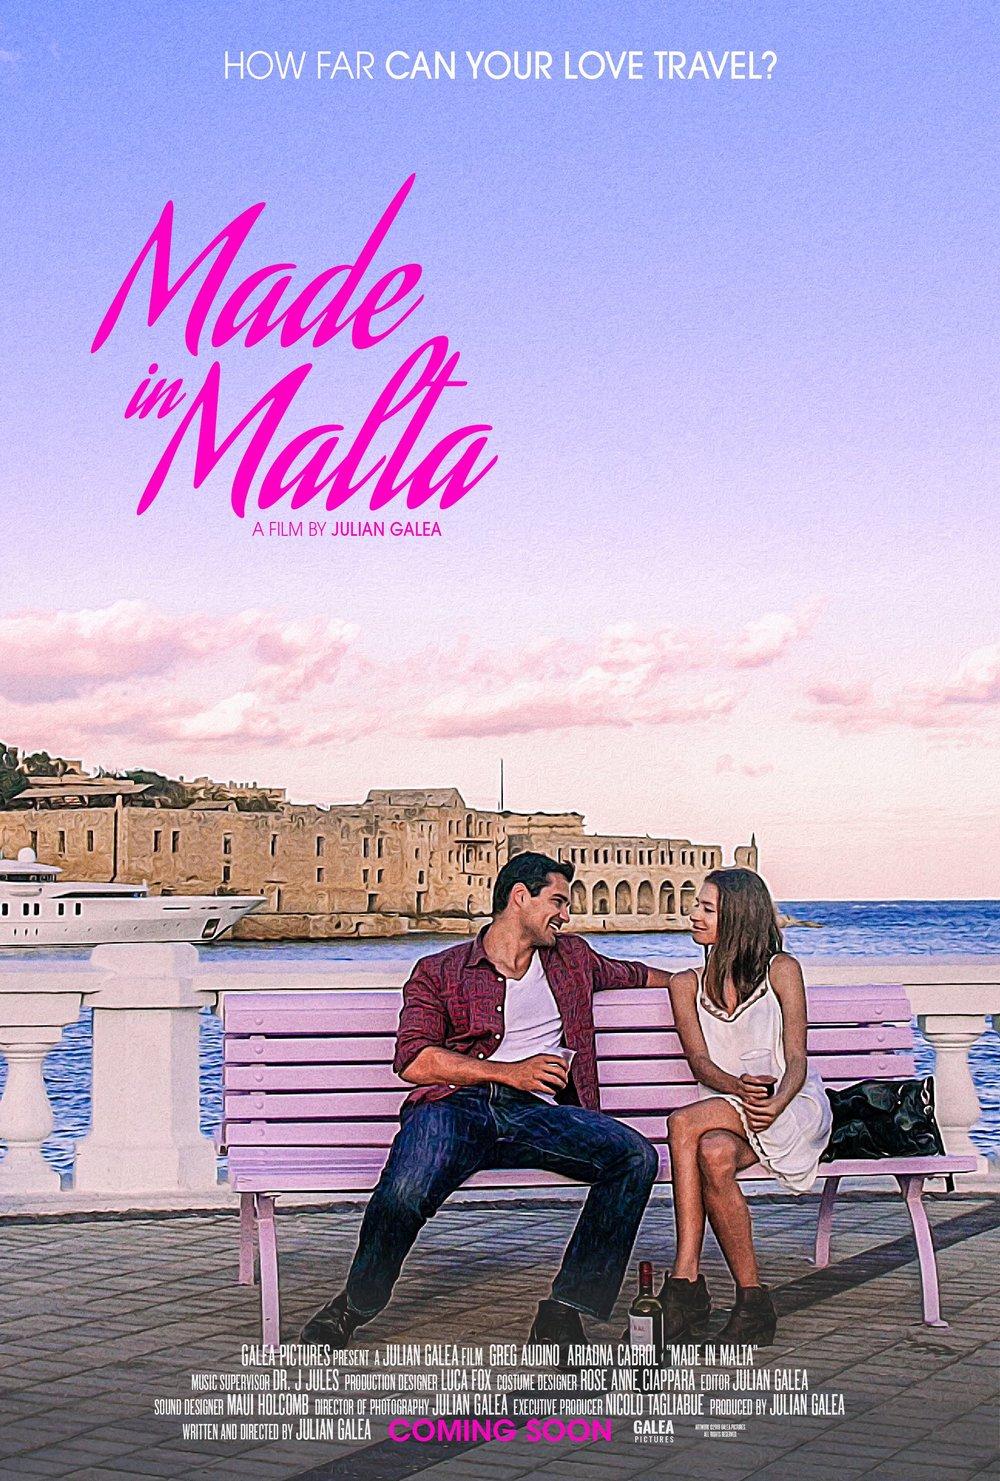 Made_in_Malta_Poster_72dpi_LR.jpg